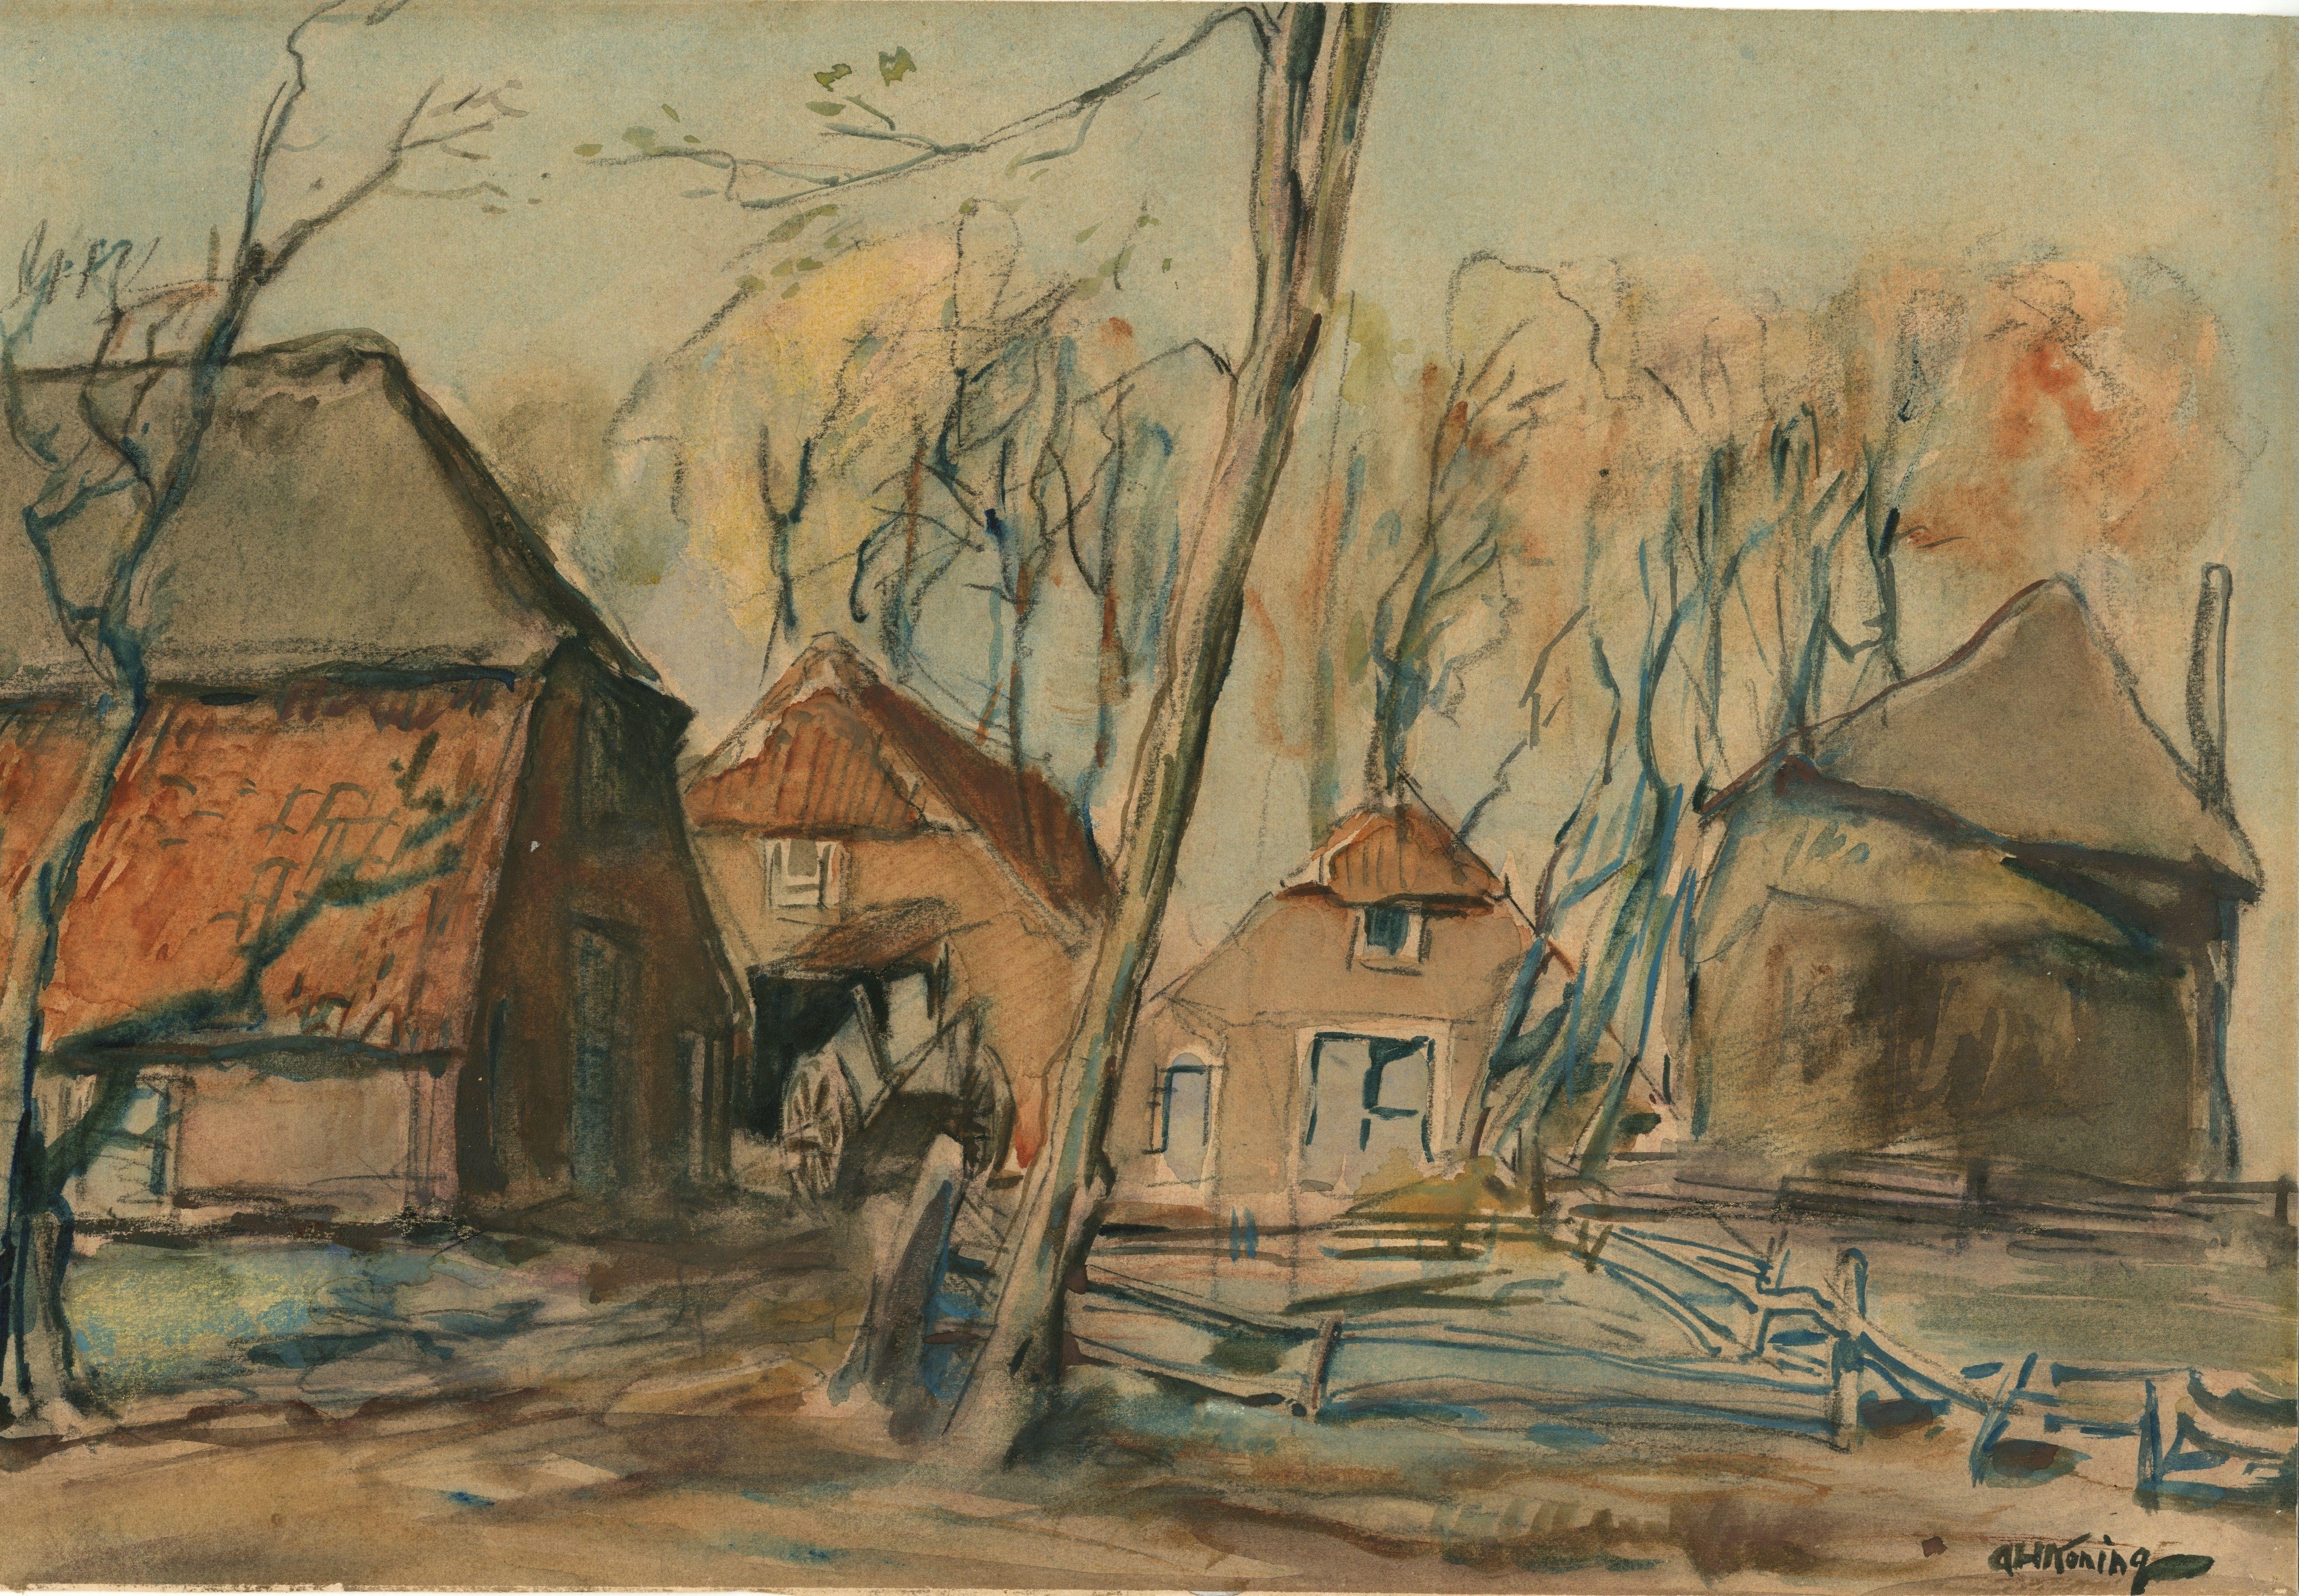 Boerderij De Vaarkamp is door Arnold geschilderd rond 1910. De historische vereniging Lunteren heeft geholpen om de afbeelding te localiseren, Het tegenwoordige adres van het rijksmonument is Postweg 64.